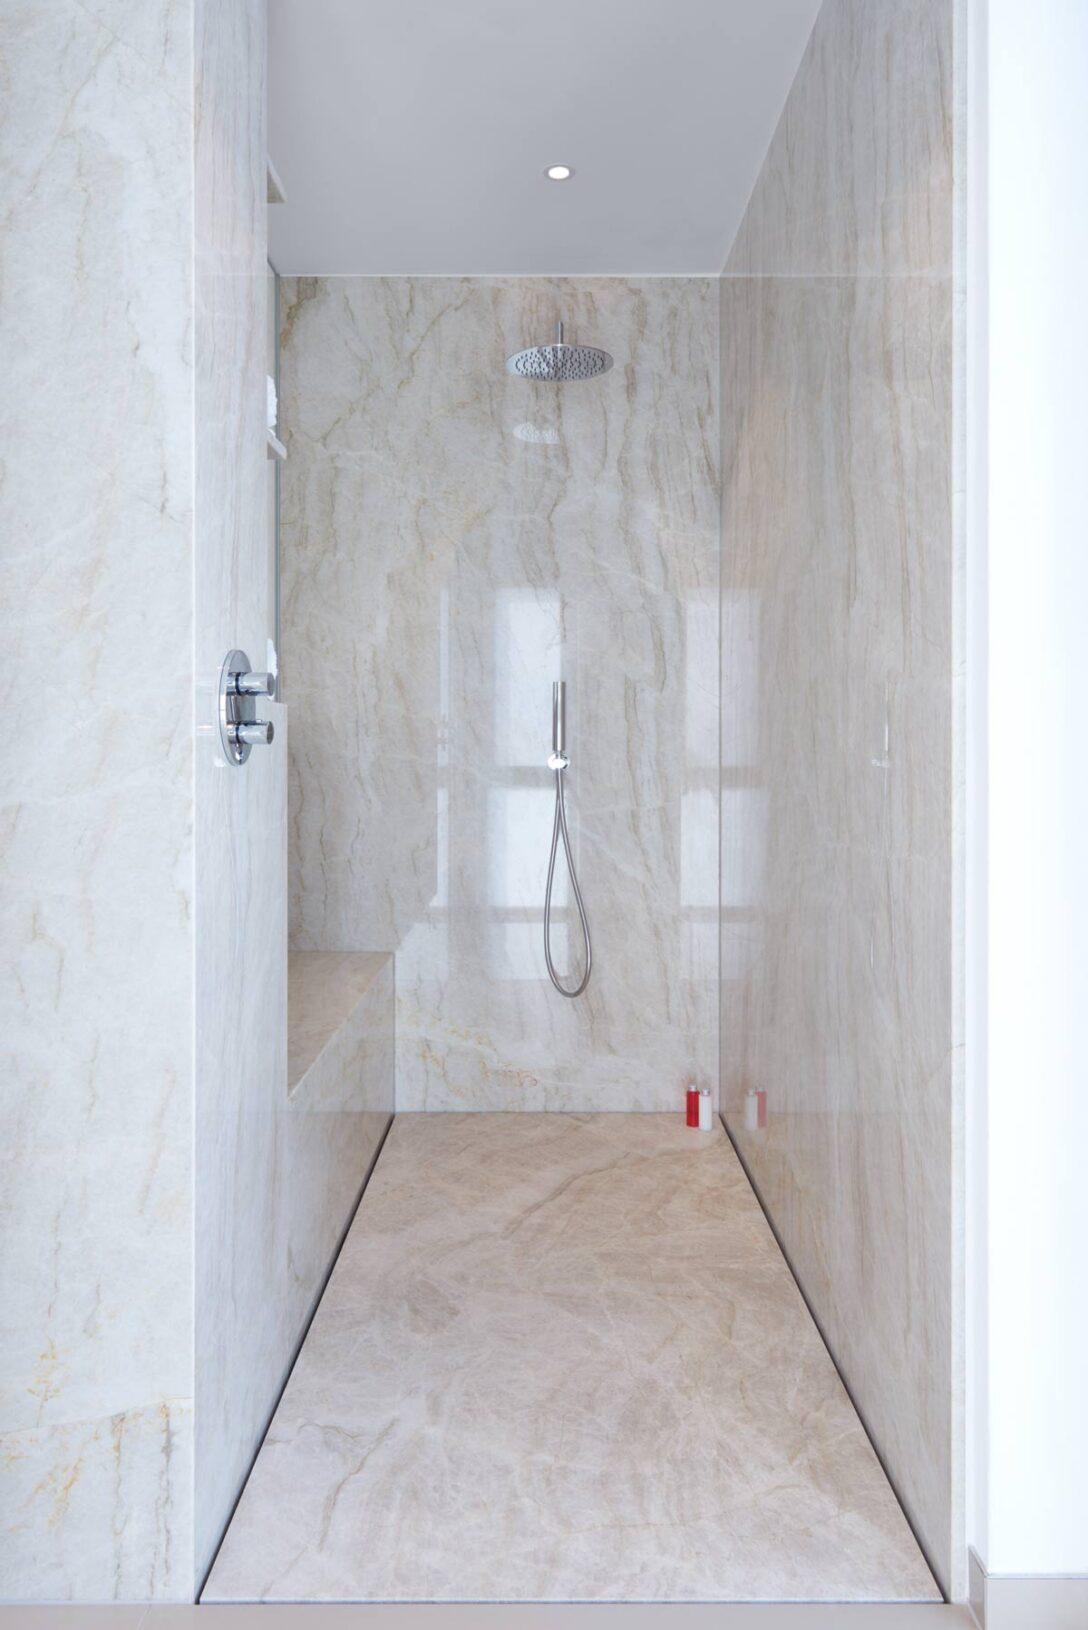 Large Size of Ebenerdige Dusche Kosten Fugenlose Duschen Pflegeleicht Und Puristisch Baqua Glasabtrennung 80x80 Komplett Set Begehbare Ebenerdig Bodengleich Fliesen Für Dusche Ebenerdige Dusche Kosten